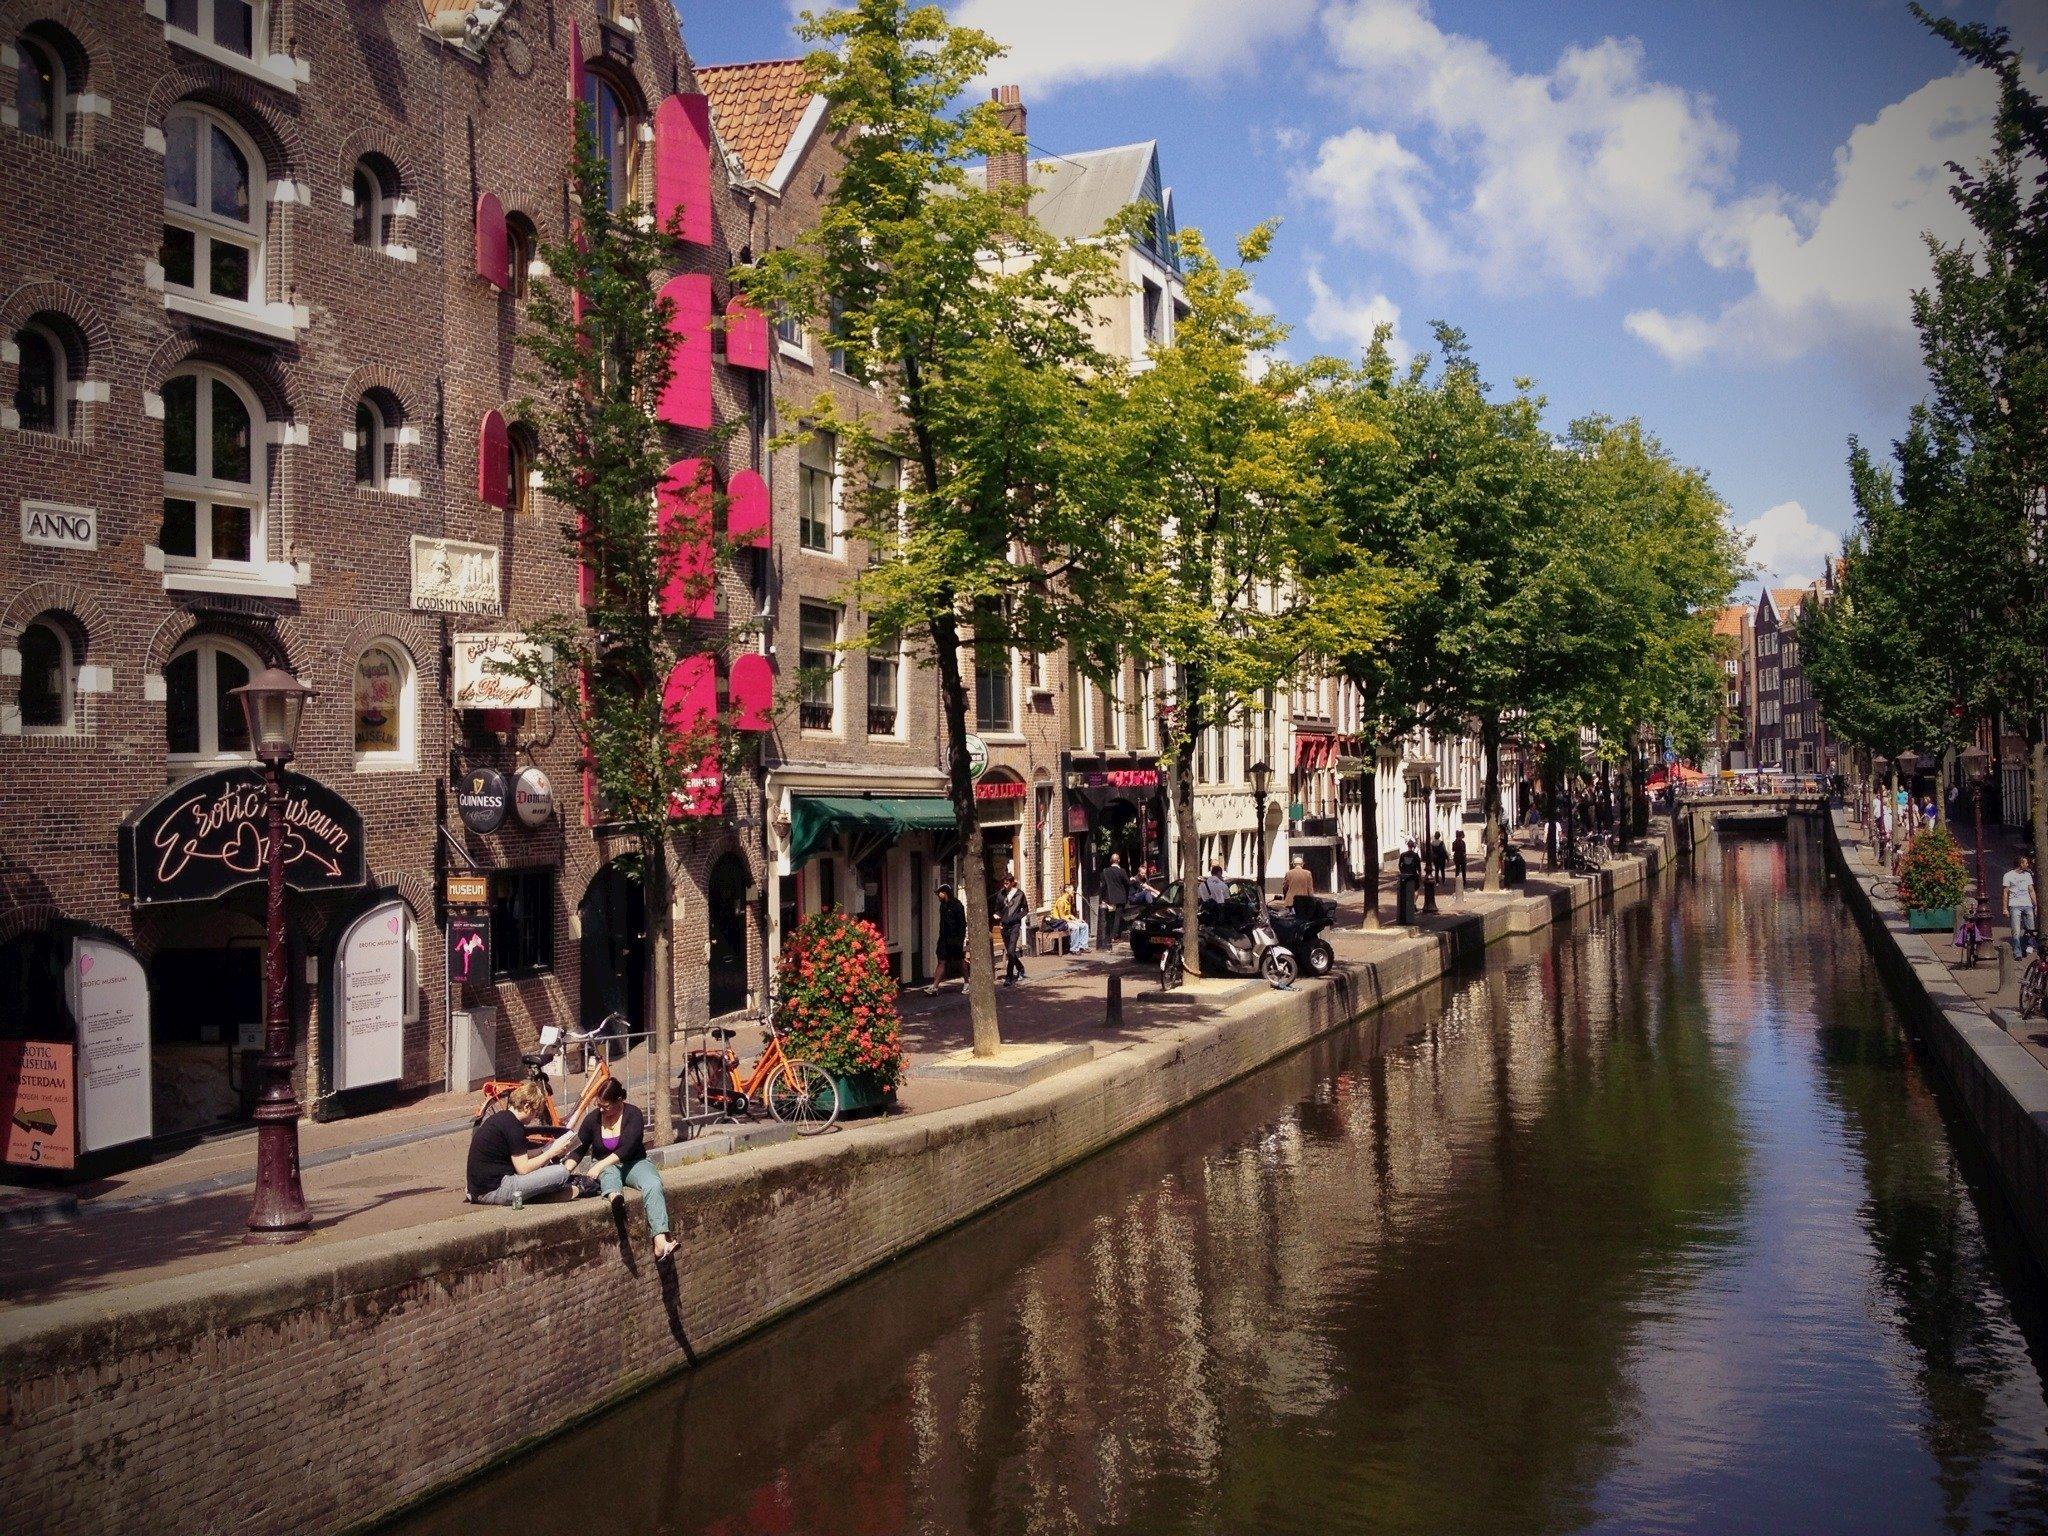 زيارة إلى مدينة أمستردام اكثر الوجهات السياحية الشعبية 1995168024